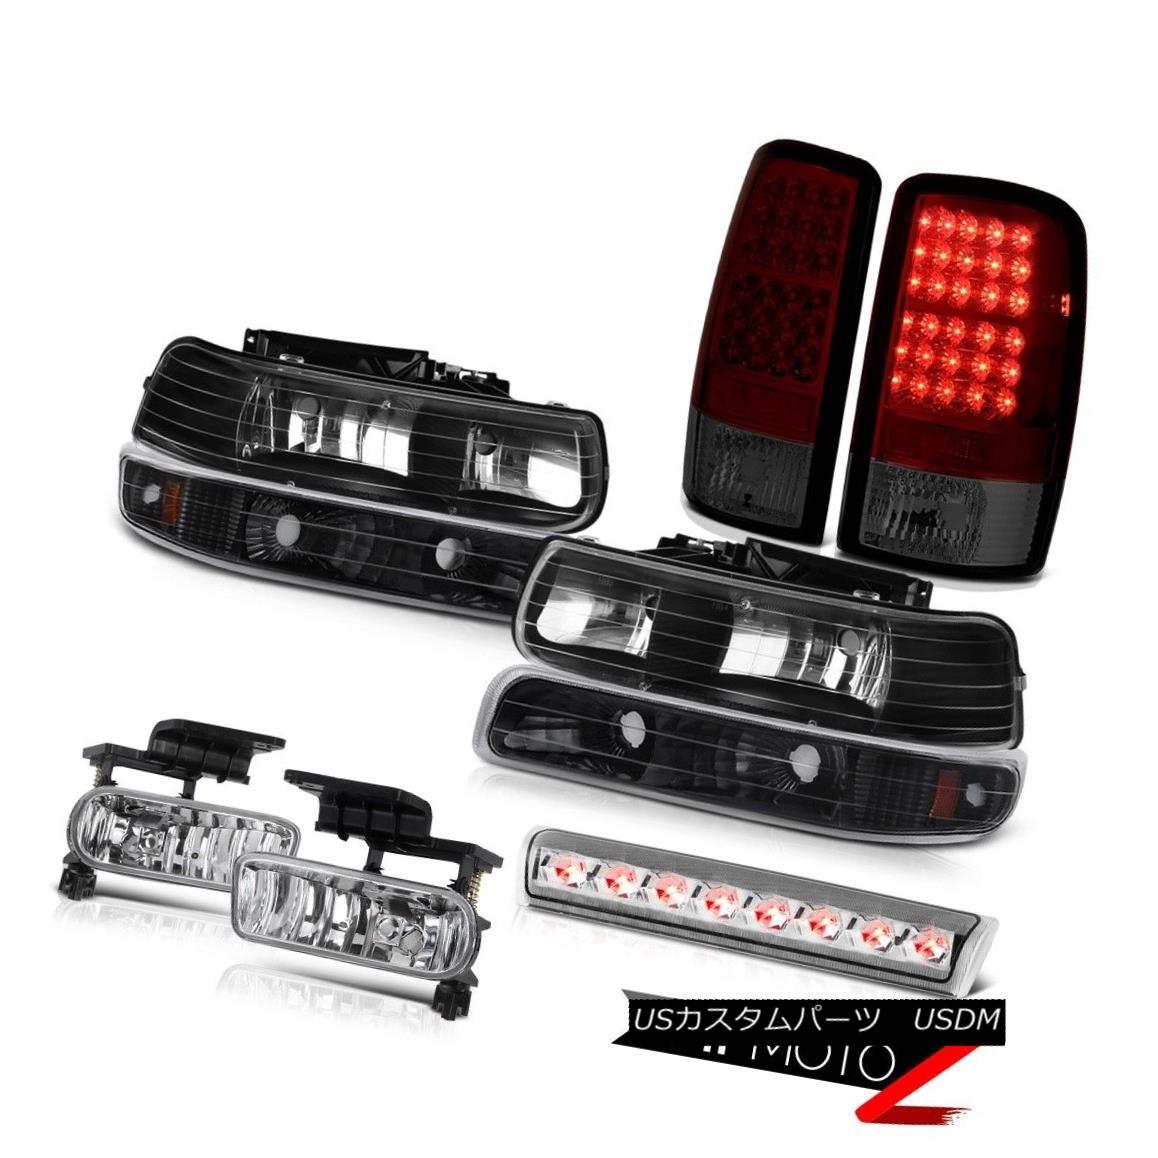 ヘッドライト 00-06 Chevy Suburban LS Headlamps rear brake lamps crystal clear fog roof Lamp 00-06シボレー郊外LSヘッドランプリアブレーキランプクリスタルクリアフォグ・ルーフランプ